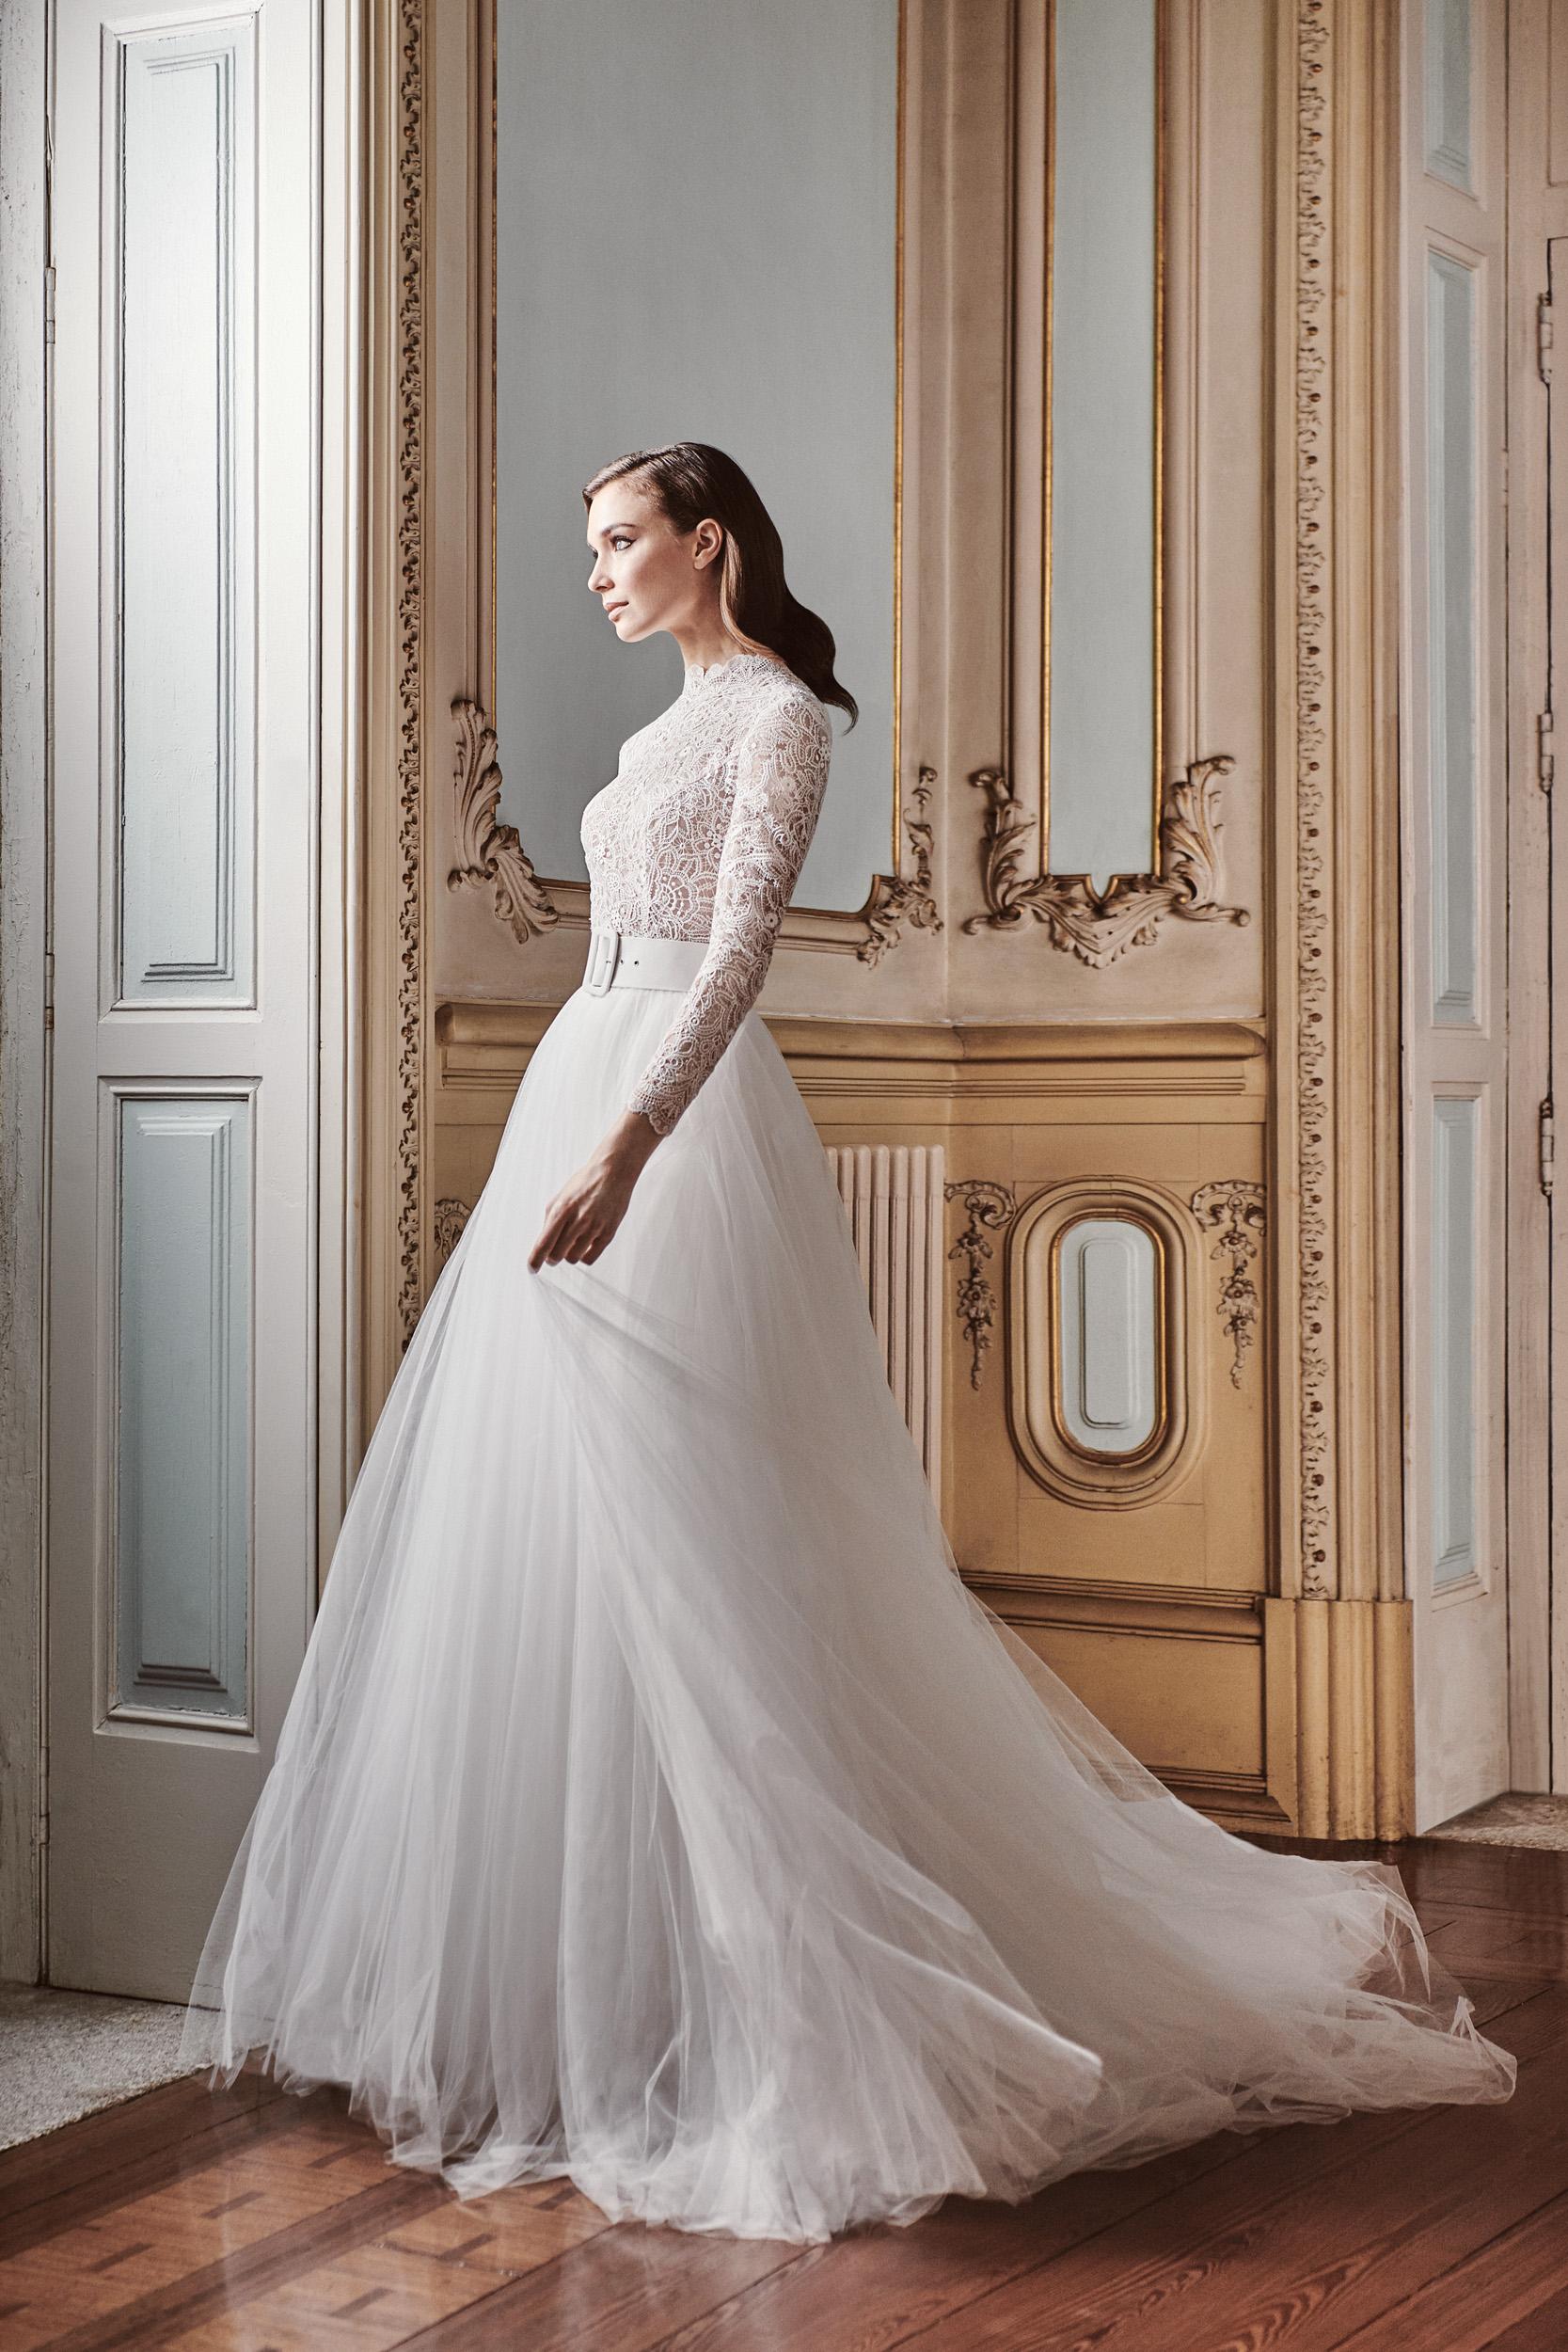 Vestido de novia 2021 - Lara - tul